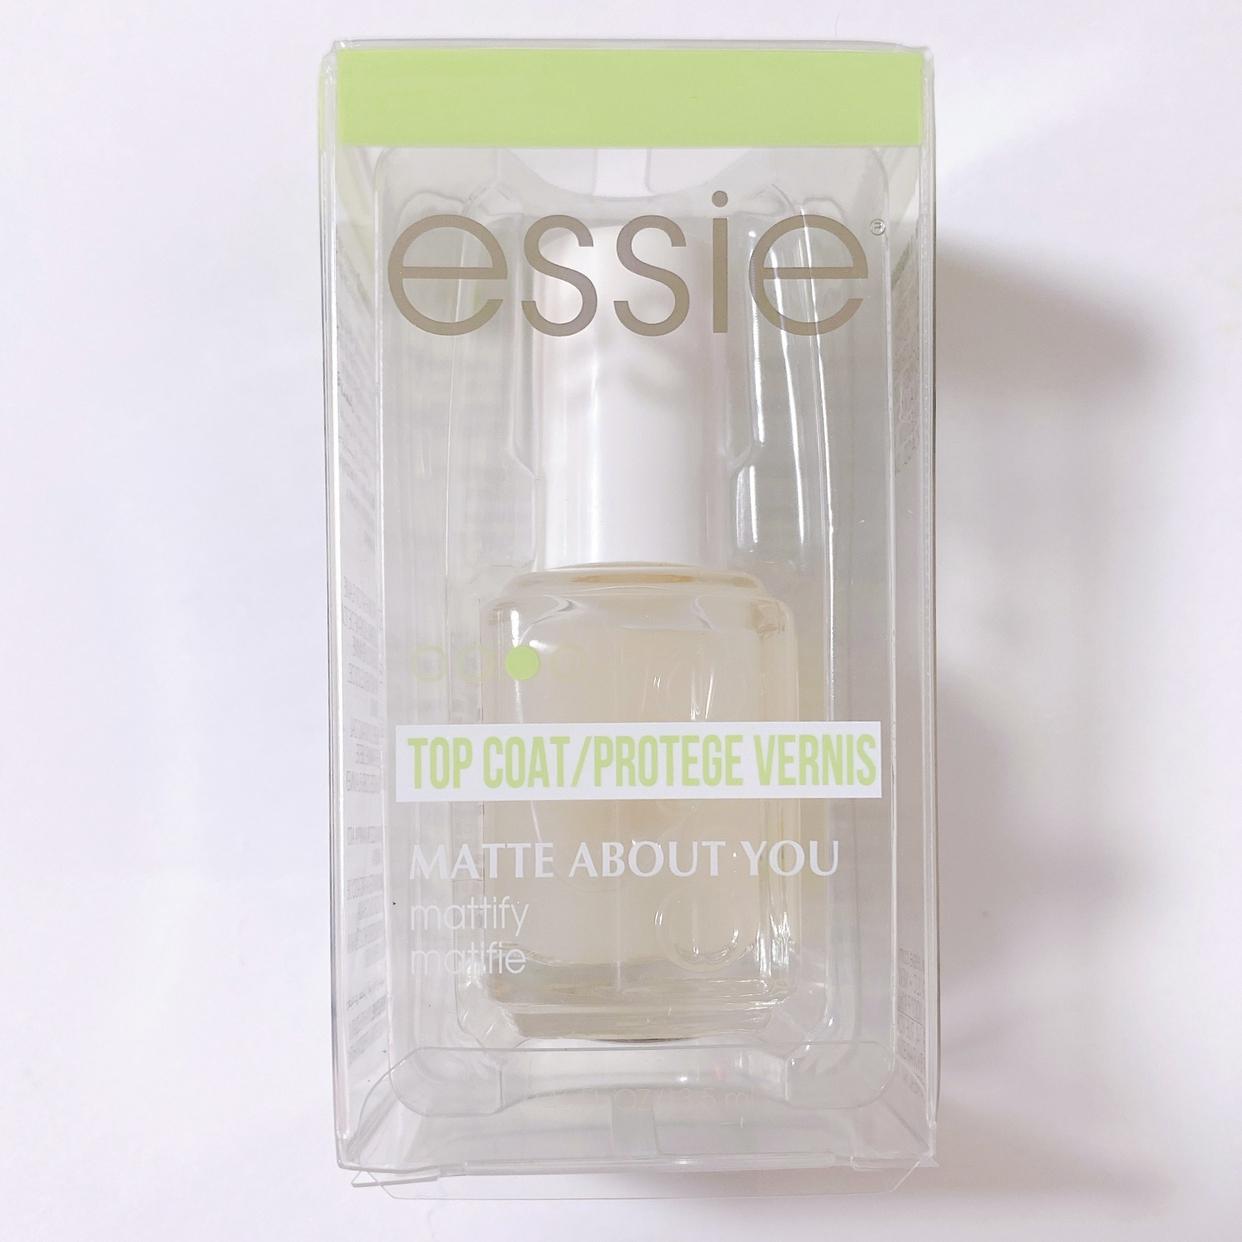 Essie(エッシー)マット アバウト ユーを使ったMiiさんのクチコミ画像1